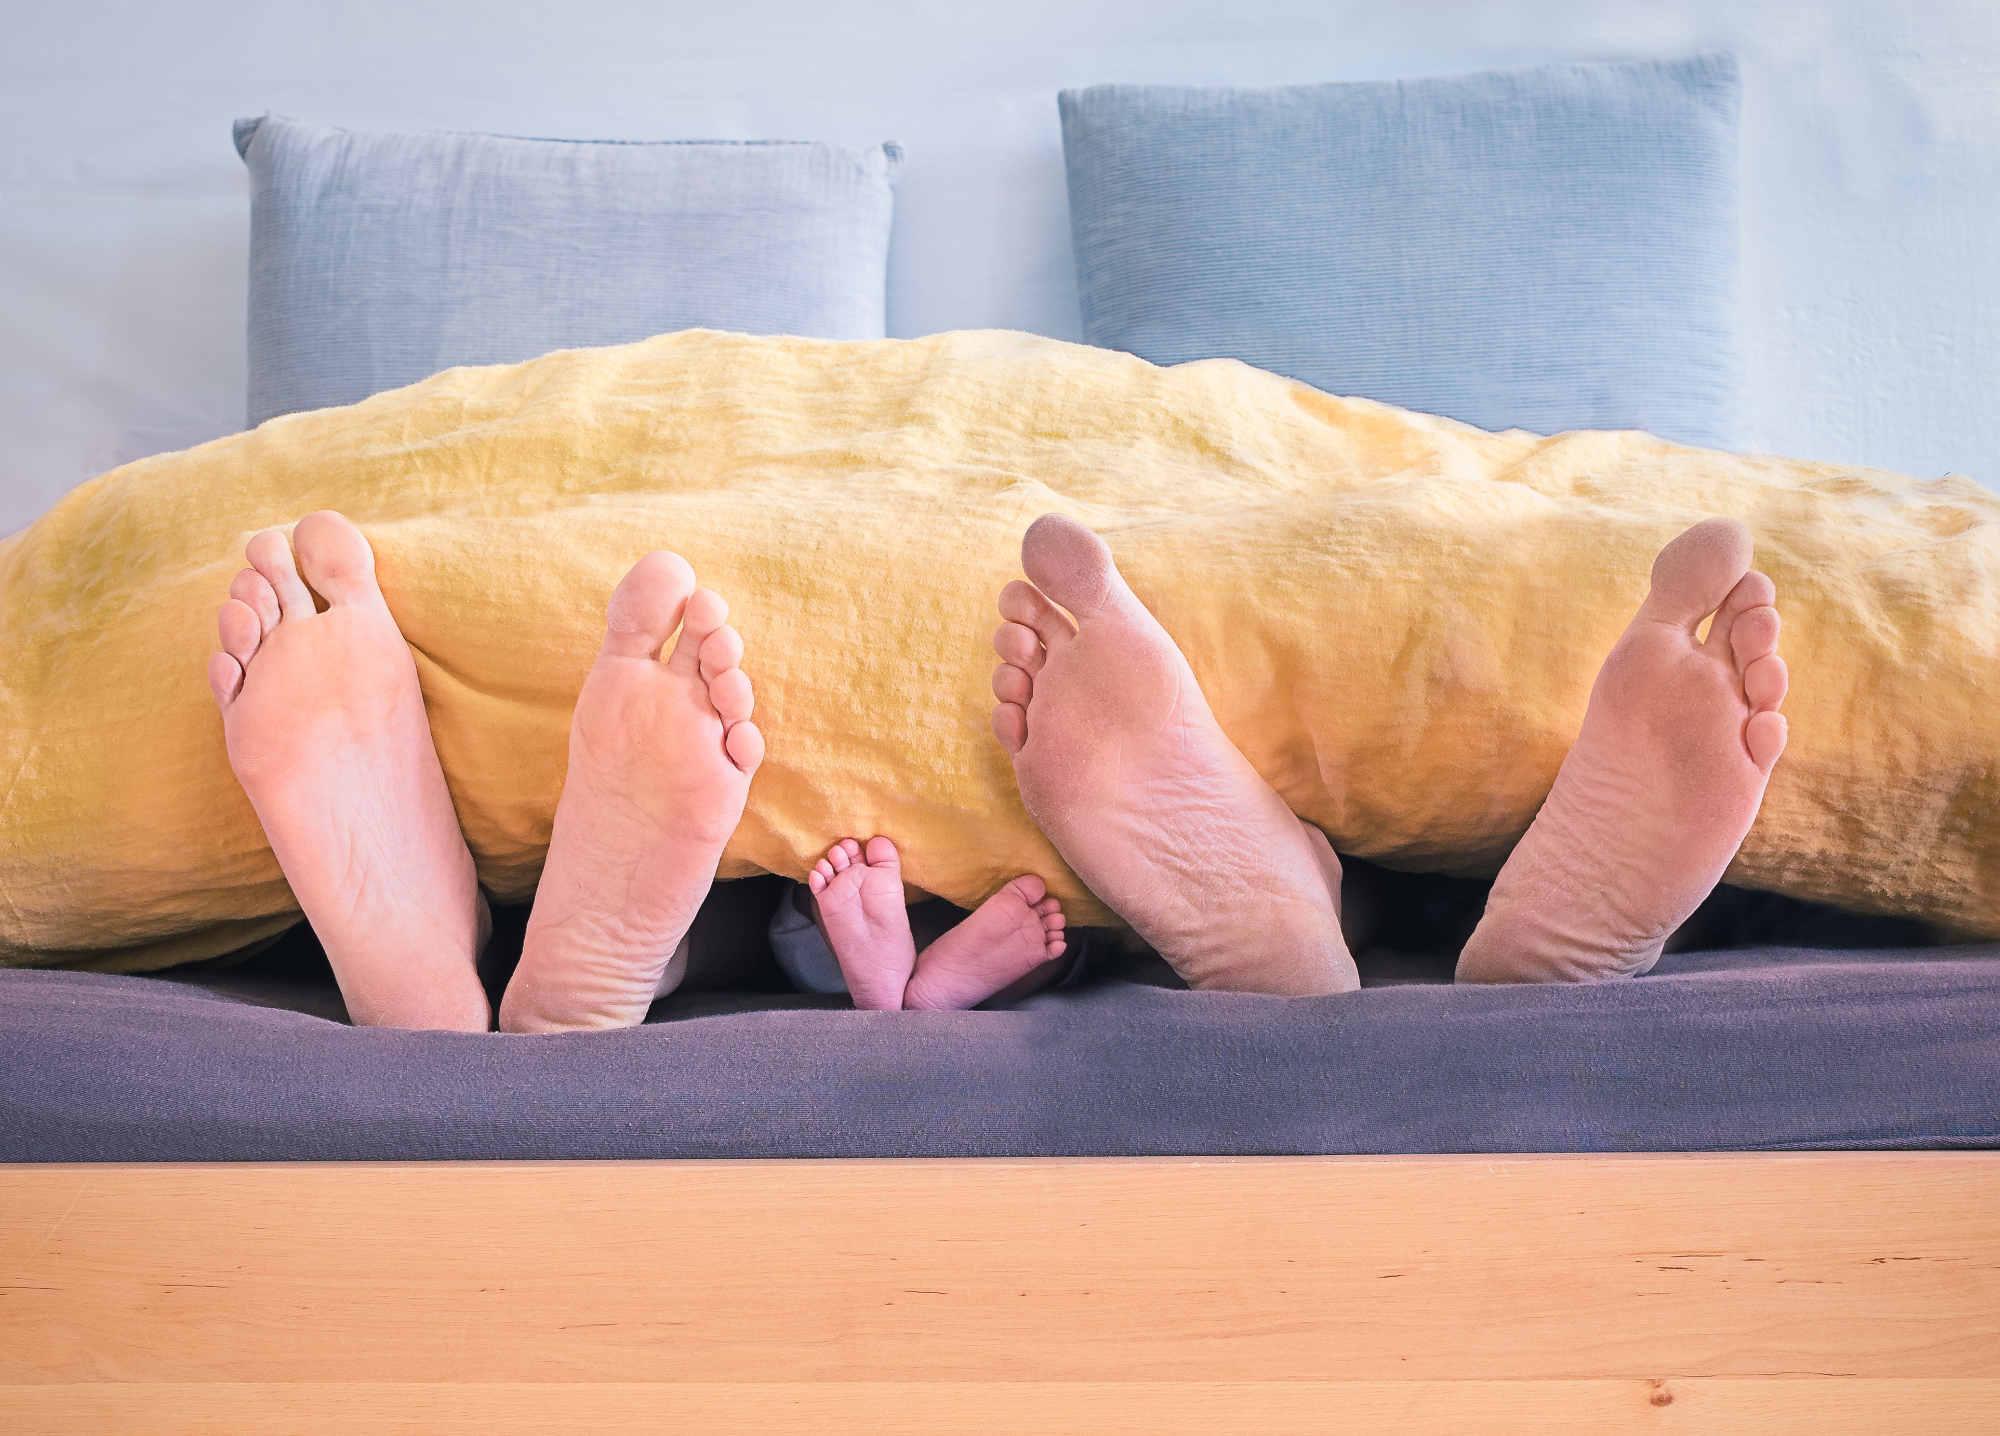 Dormir moins de 6 heures par nuit augmente le risque cardiovasculaire